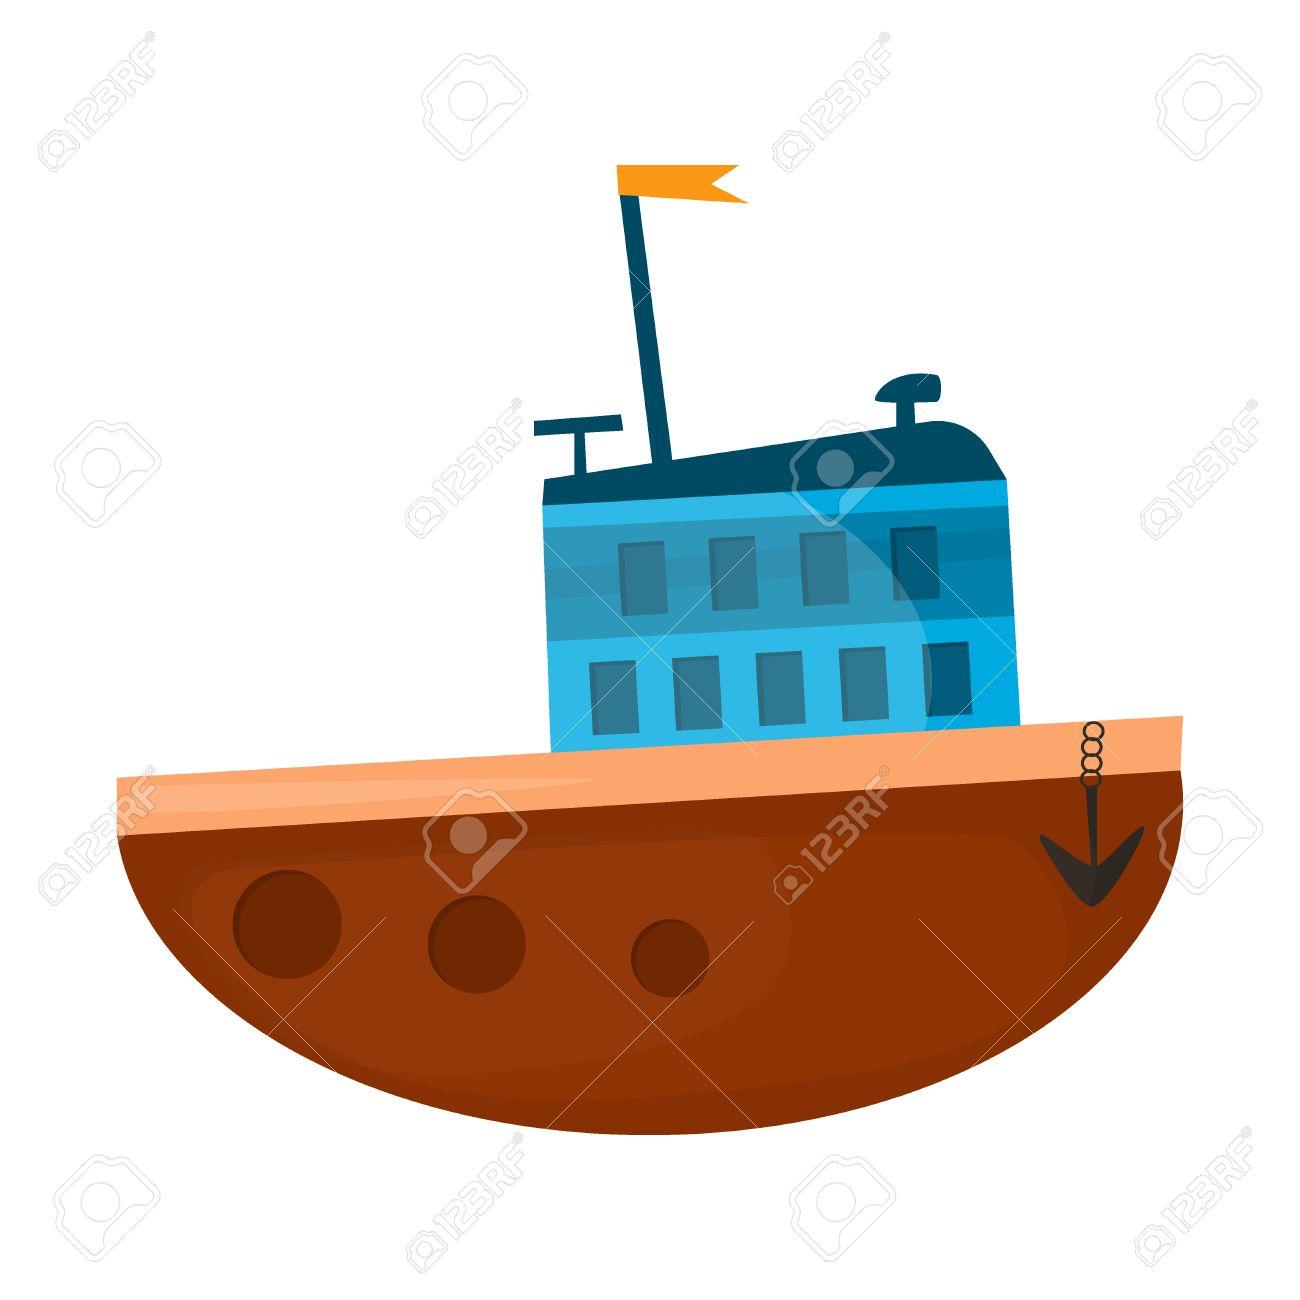 1300x1300 Cartoon Ship Illustration. Cartoon Boat Sea Vessel Transportation